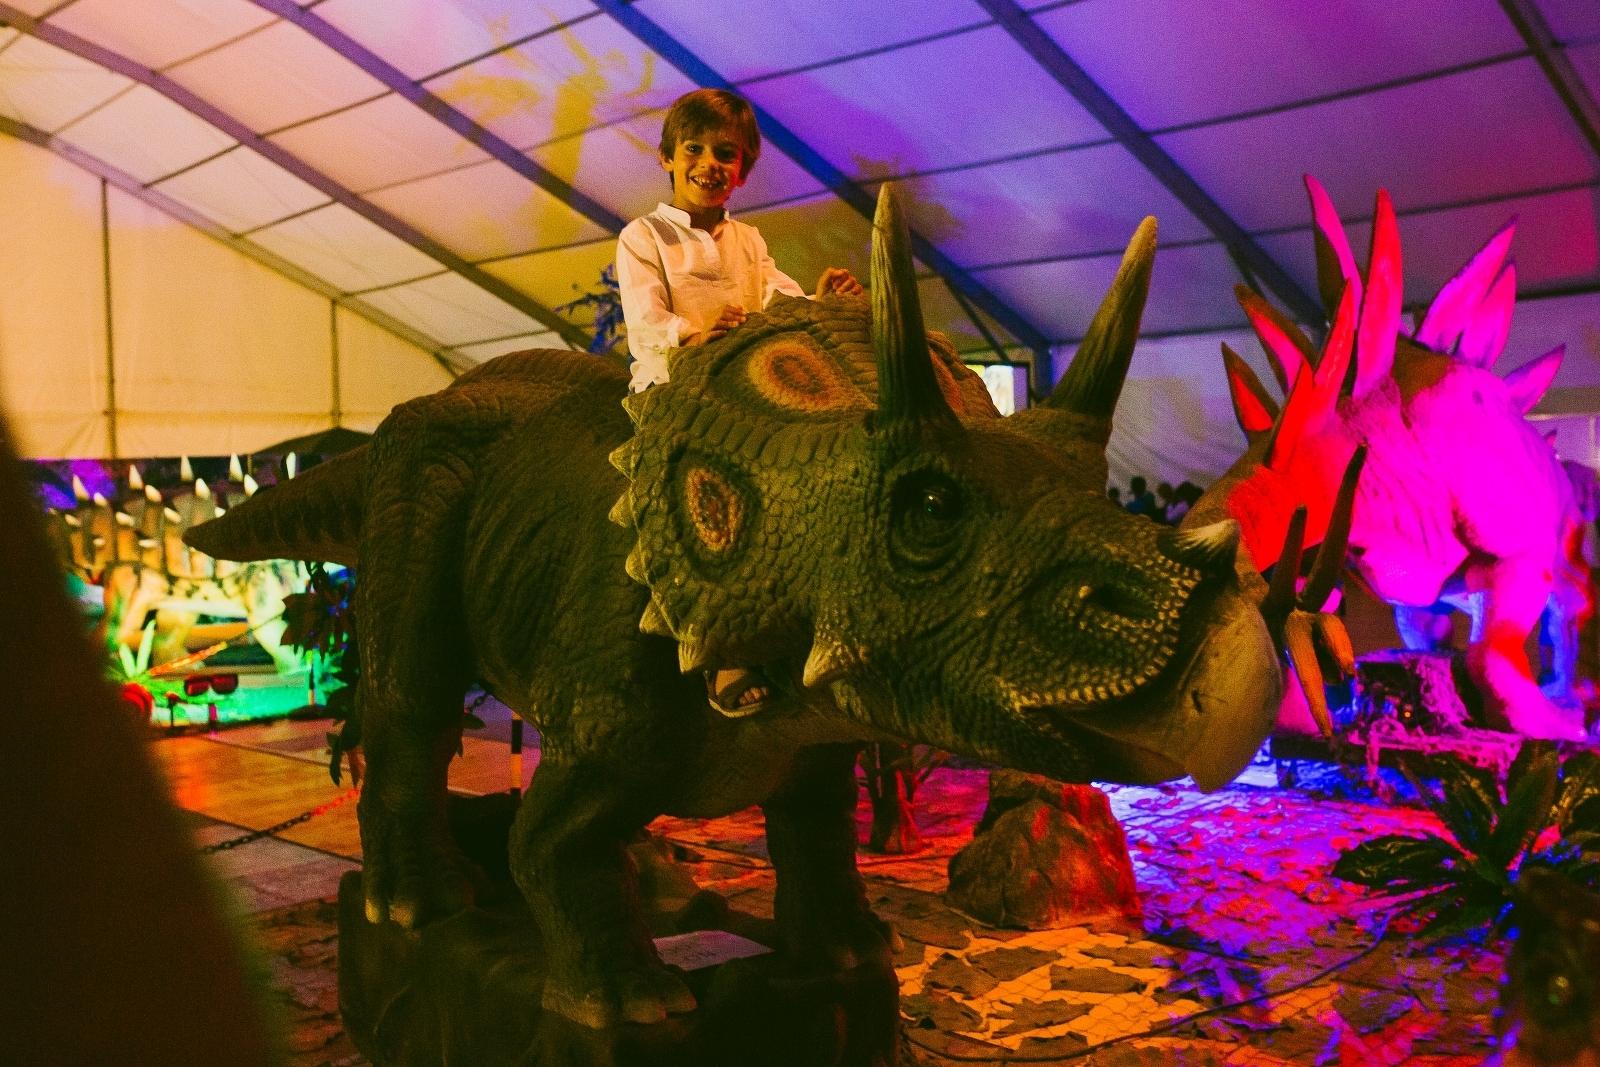 Una de les rèpliques de dinosaure que es poden veure a la mostra Dinosaurs Tour